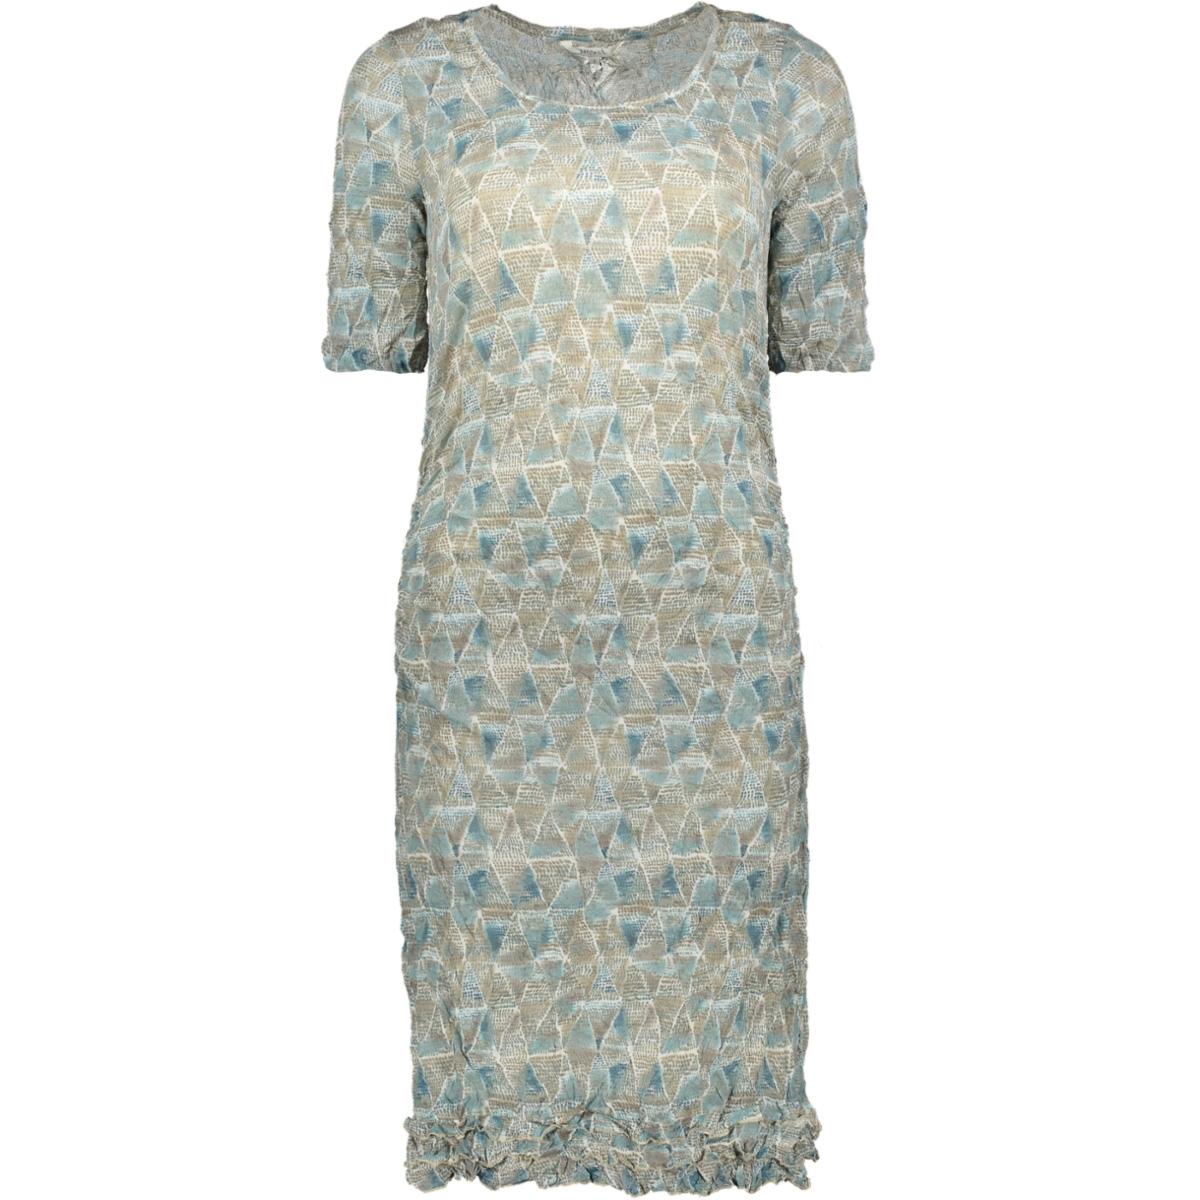 jurk met kreukel patroon 23001578 sandwich jurk 40098